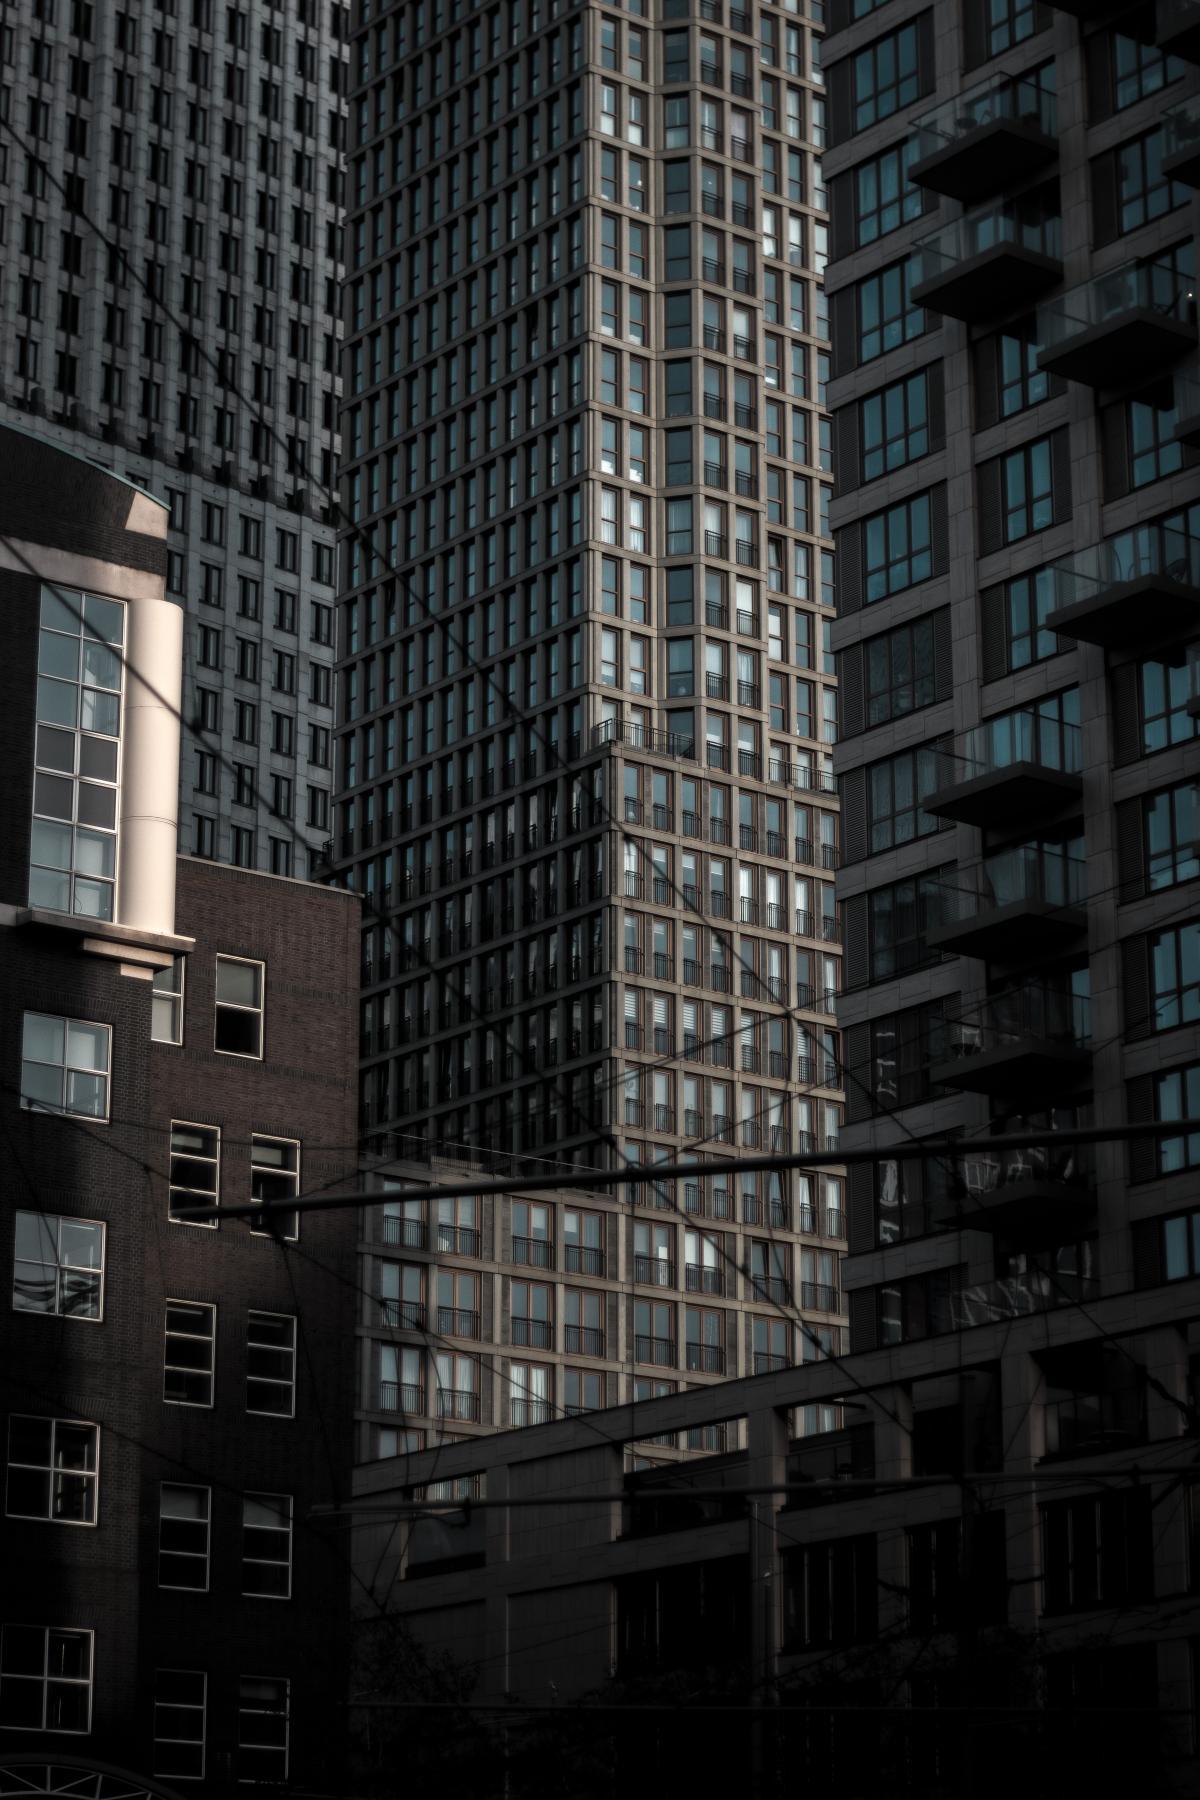 Architecture Skyscraper Building #426476